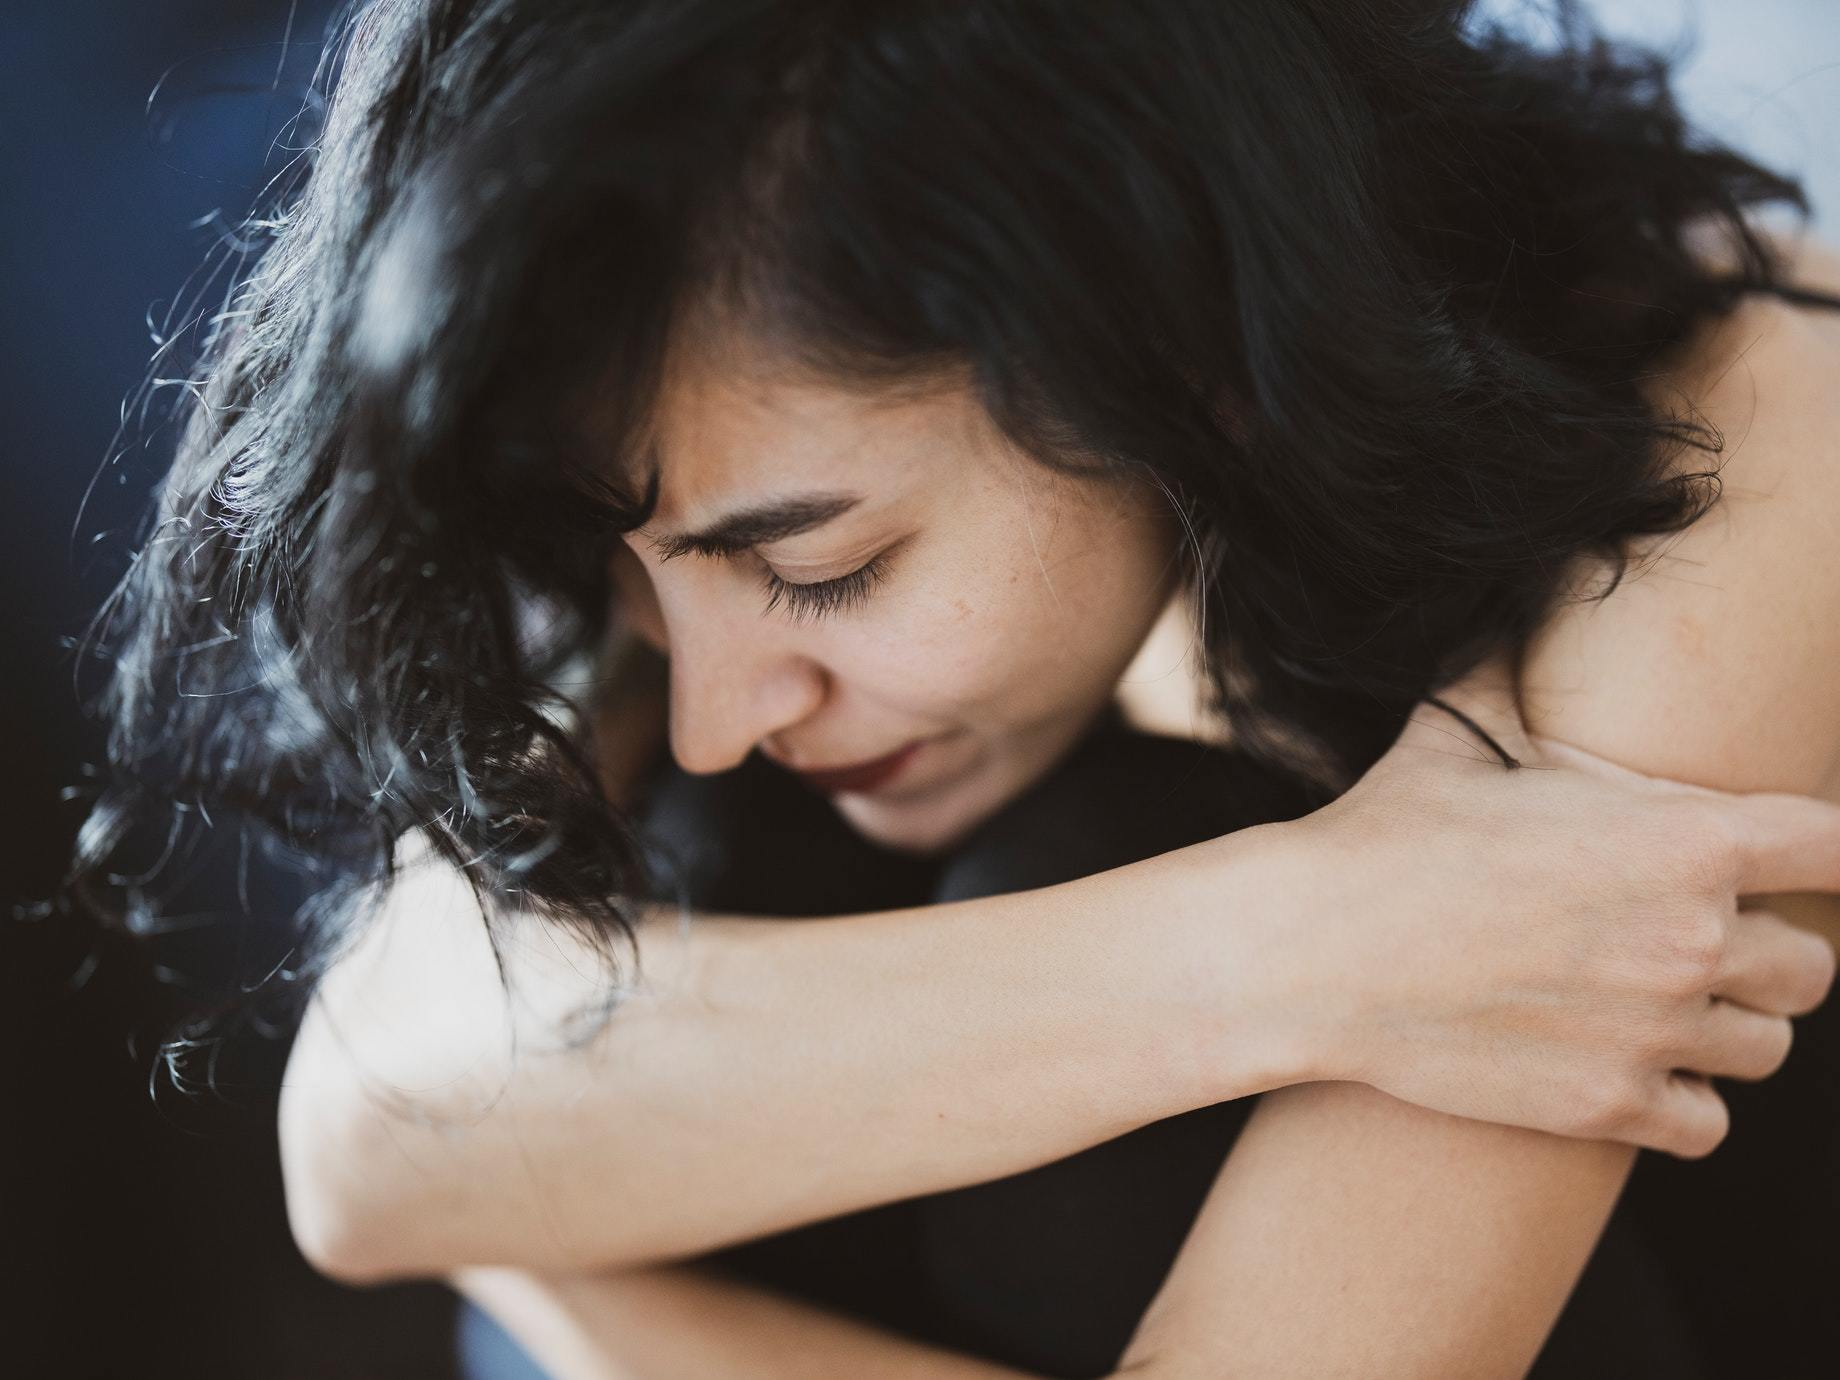 「孤獨力=與痛苦共存的能力」3個心理學概念培育你的階段需求,帶你走過人生低谷